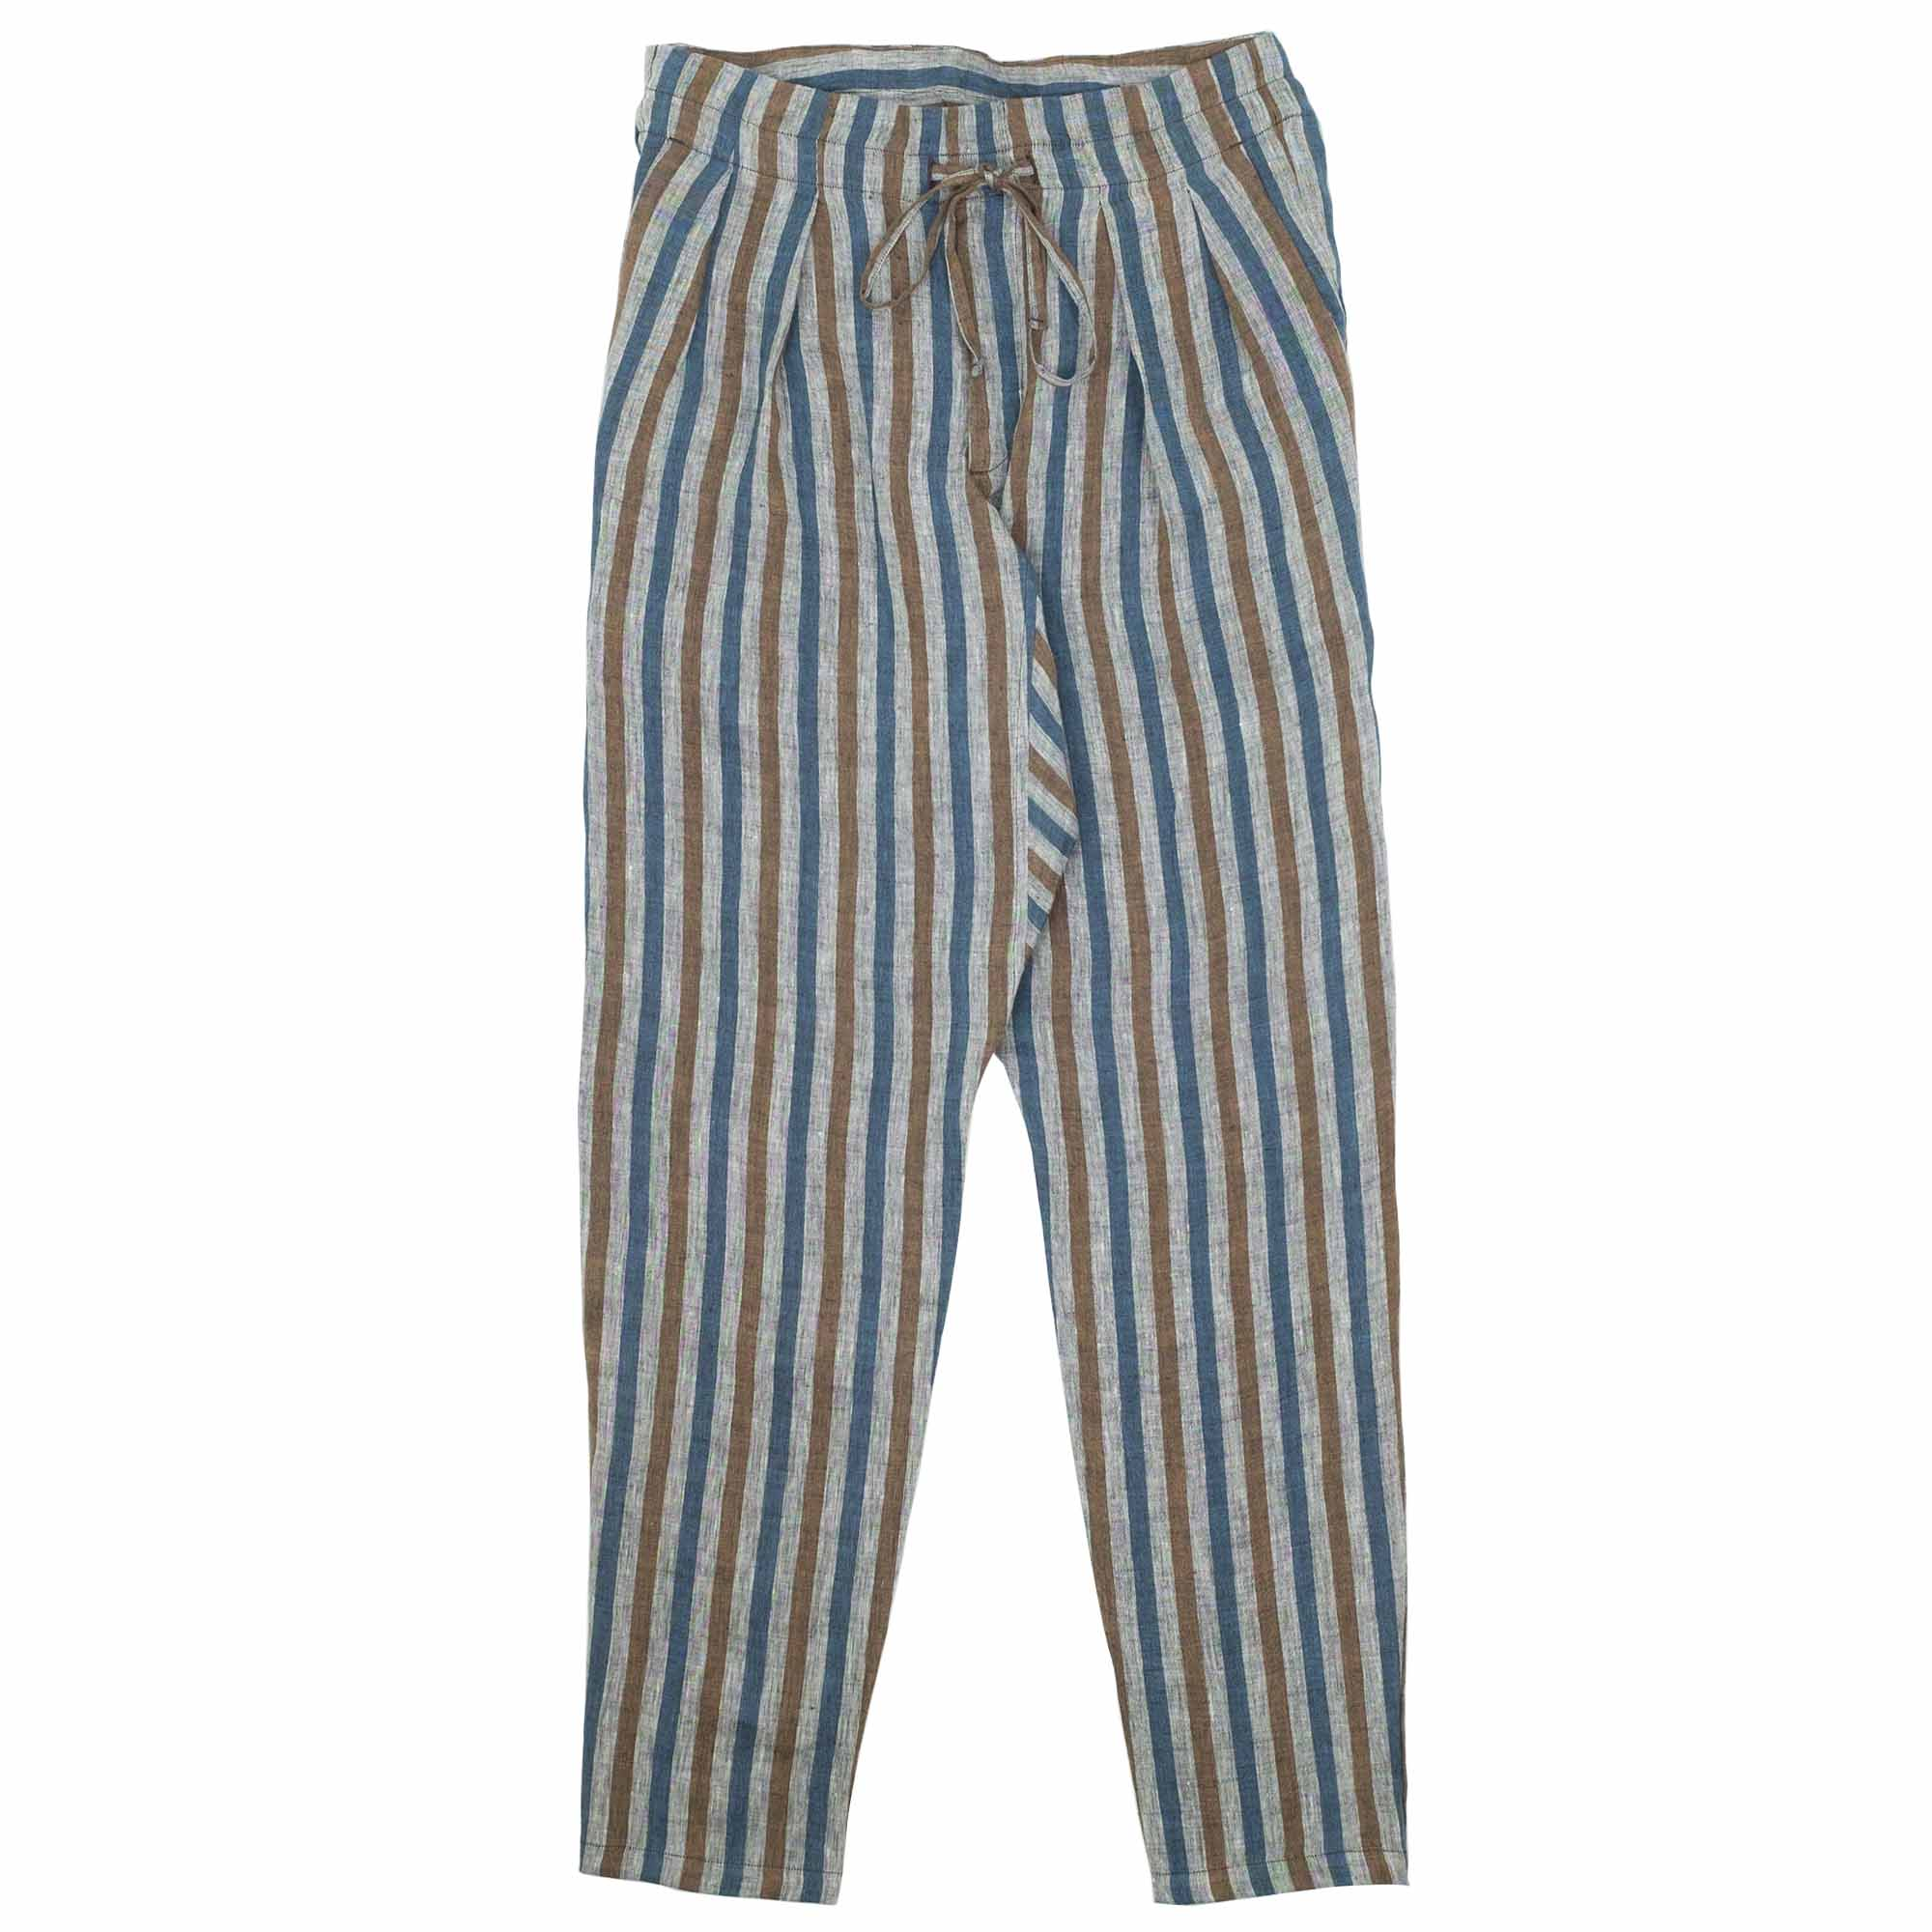 Drop Crotch Pants Linen Stripe 1